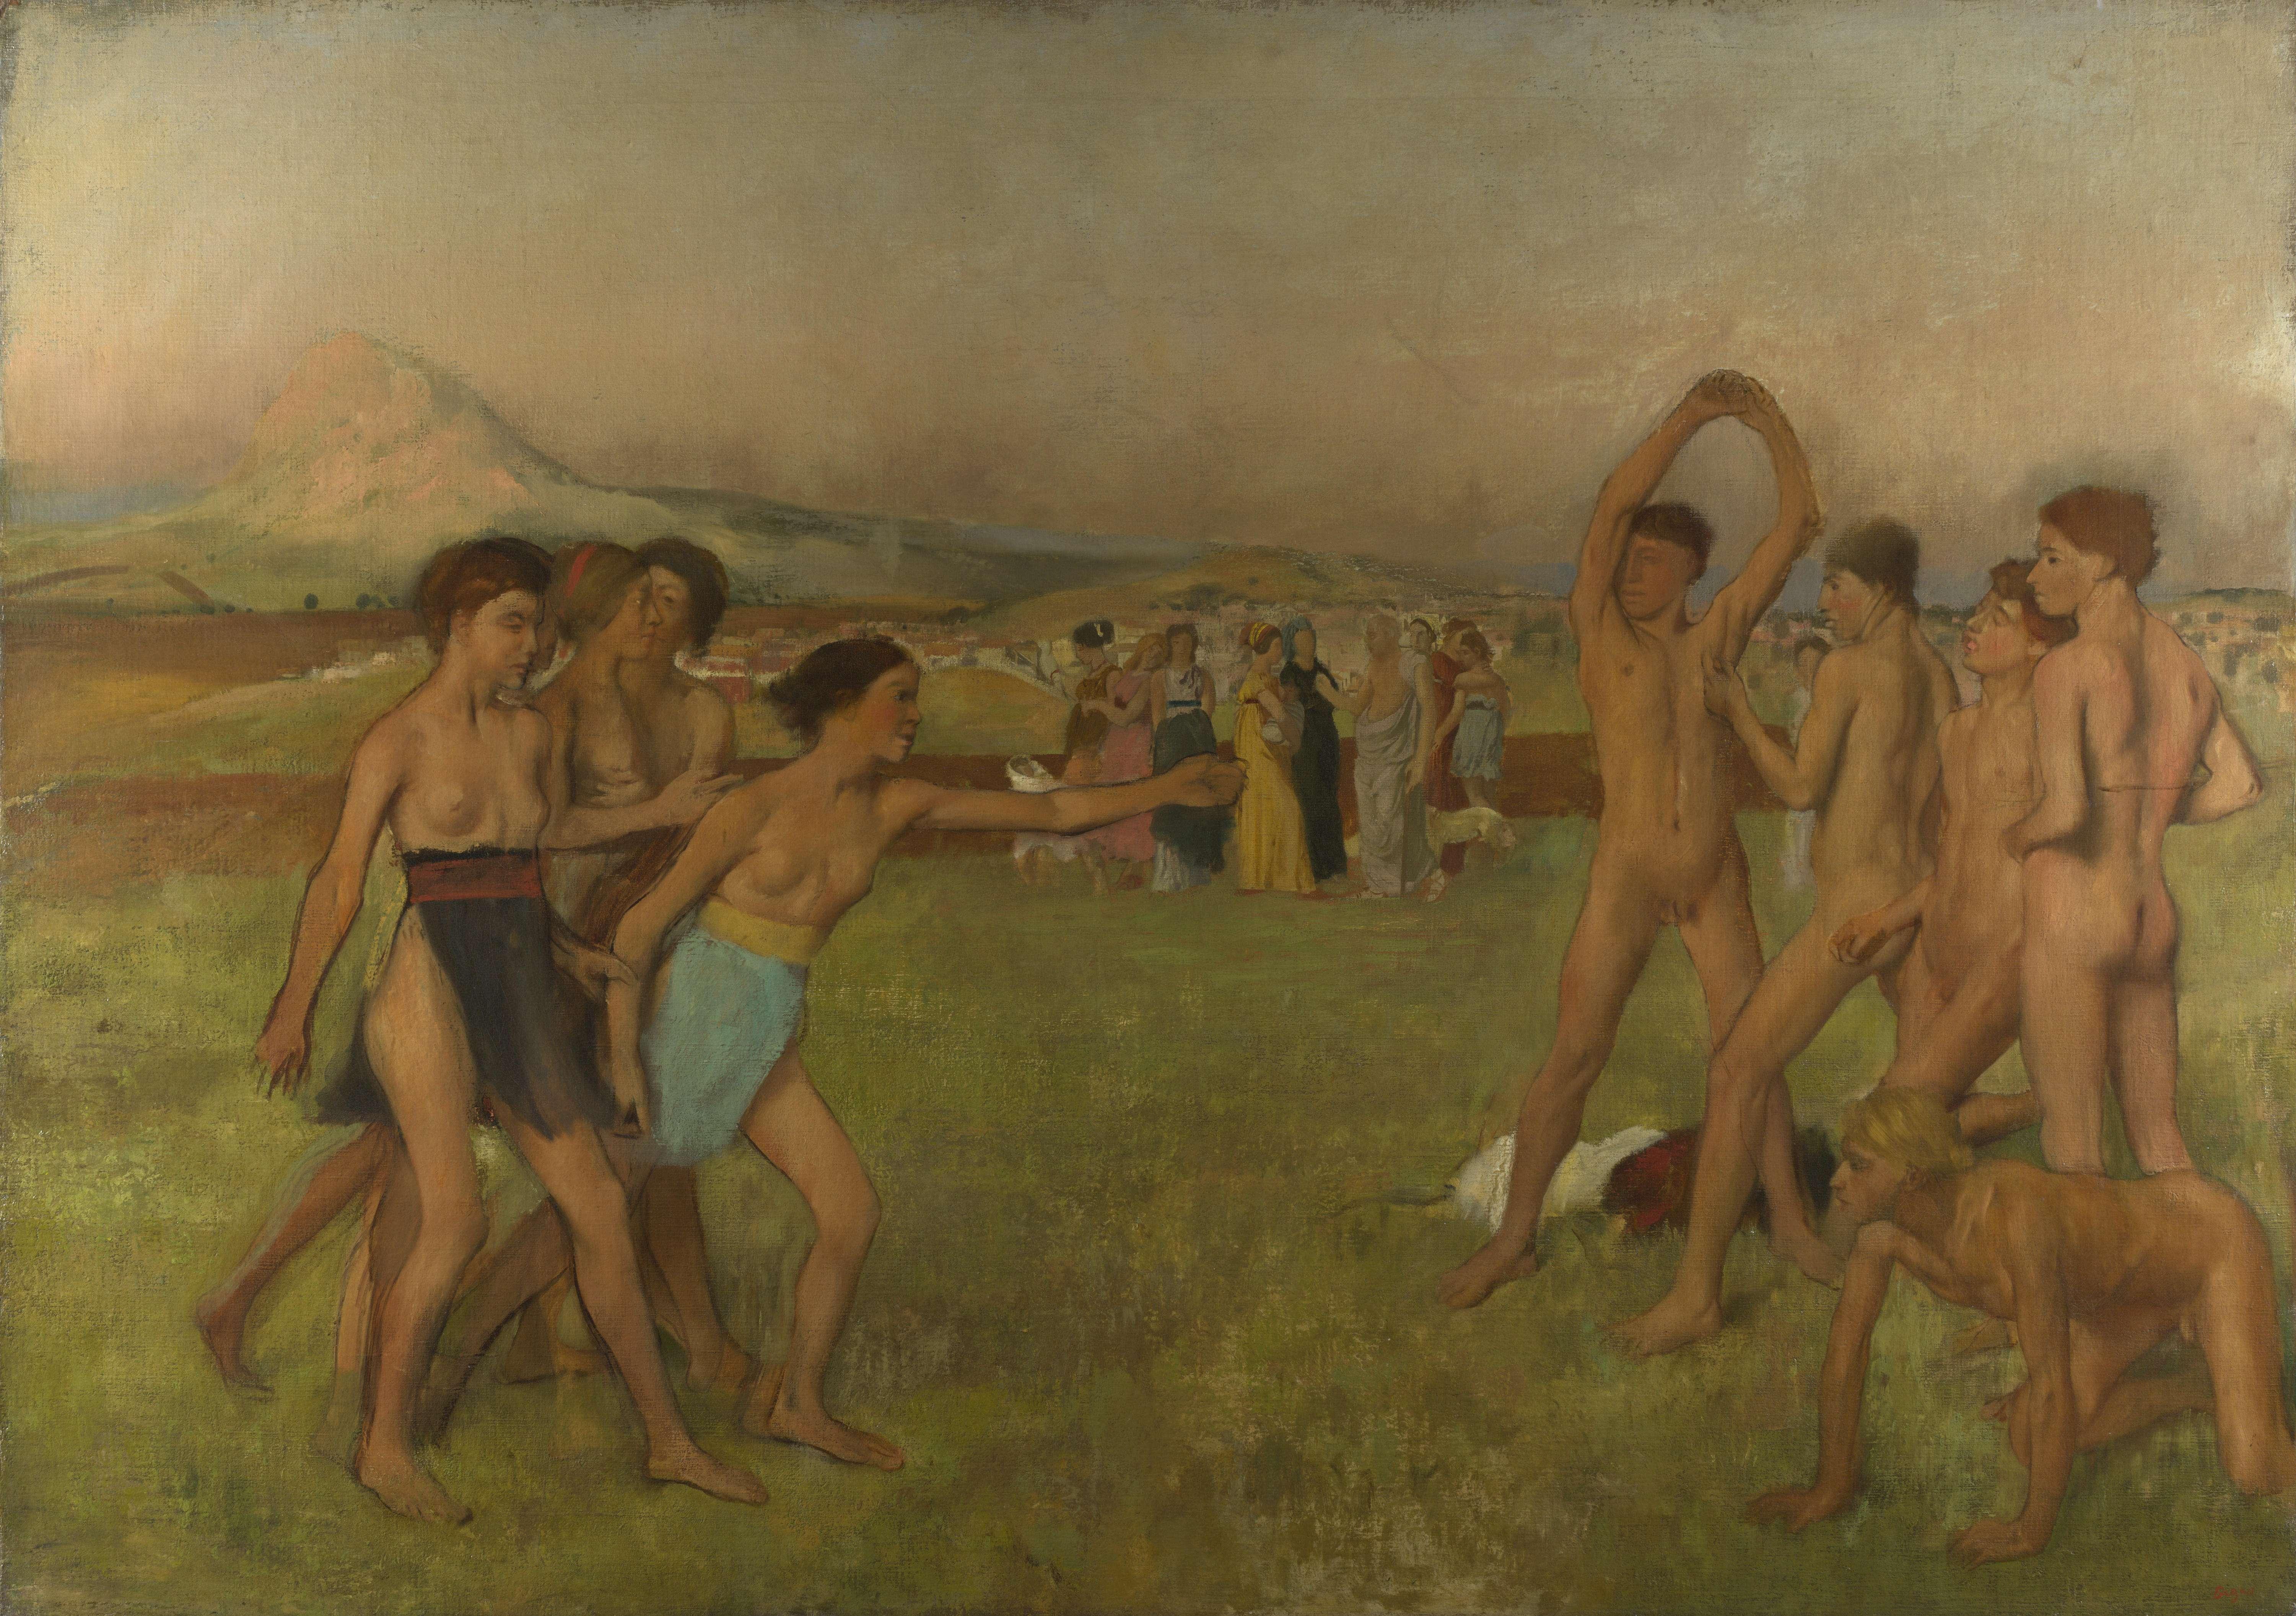 Νέοι στη αρχαία Σπάρτη. Young Spartans Exercising by Edgar Degas (1834-1917)